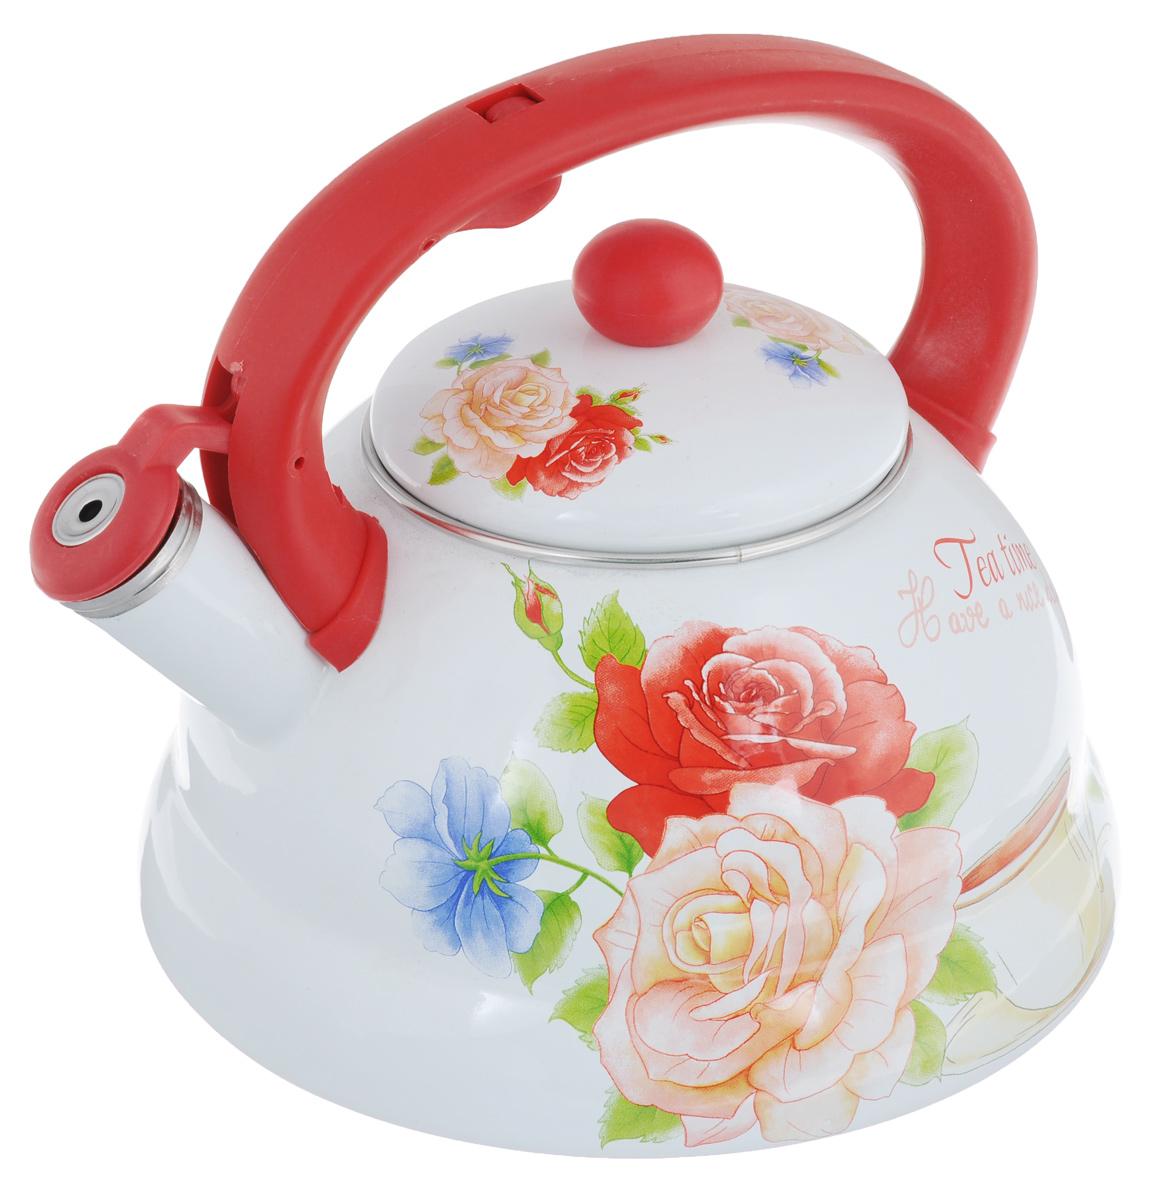 Чайник эмалированный Mayer & Boch Розы, со свистком, 3 л23083Чайник Mayer & Boch Розы выполнен из высококачественной углеродистой стали. Капсулированное дно с прослойкой из алюминия обеспечивает наилучшее распределение тепла. Носик чайника оснащен насадкой-свистком, что позволит вам контролировать процесс подогрева или кипячения воды. Фиксированная бакелитовая ручка дает дополнительное удобство при разлитии напитка. Поверхность чайника гладкая, что облегчает уход за ним. Эстетичный и функциональный, с эксклюзивным дизайном, чайник будет оригинально смотреться в любом интерьере. Подходит для всех типов плит, включая индукционные. Можно мыть в посудомоечной машине. Высота чайника (без учета ручки и крышки): 12 см. Высота чайника (с учетом ручки и крышки): 20 см Диаметр чайника (по верхнему краю): 12 см.